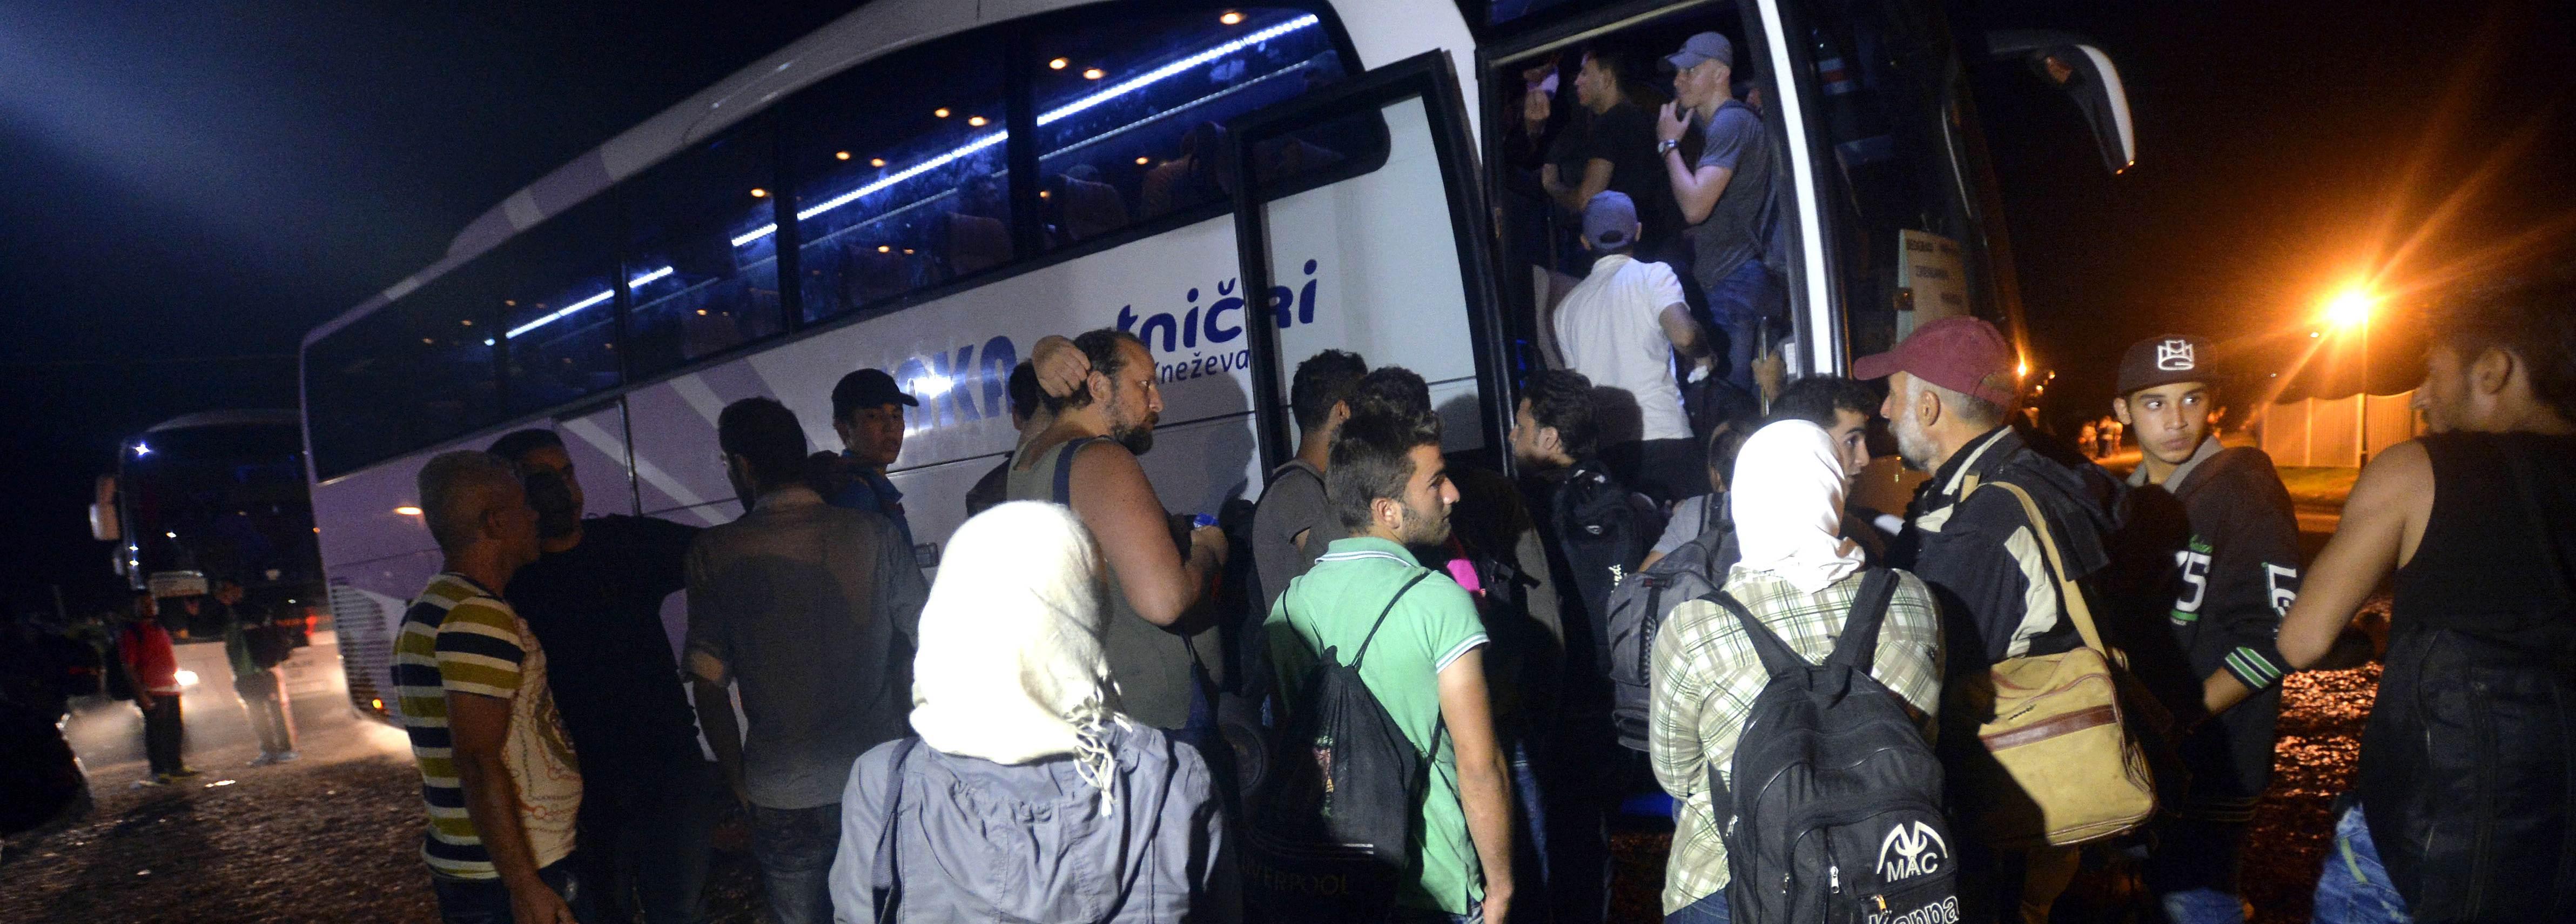 UTRKA S VREMENOM: Srbija se pokušava riješiti imigranata prije nego mađari zatvore granicu